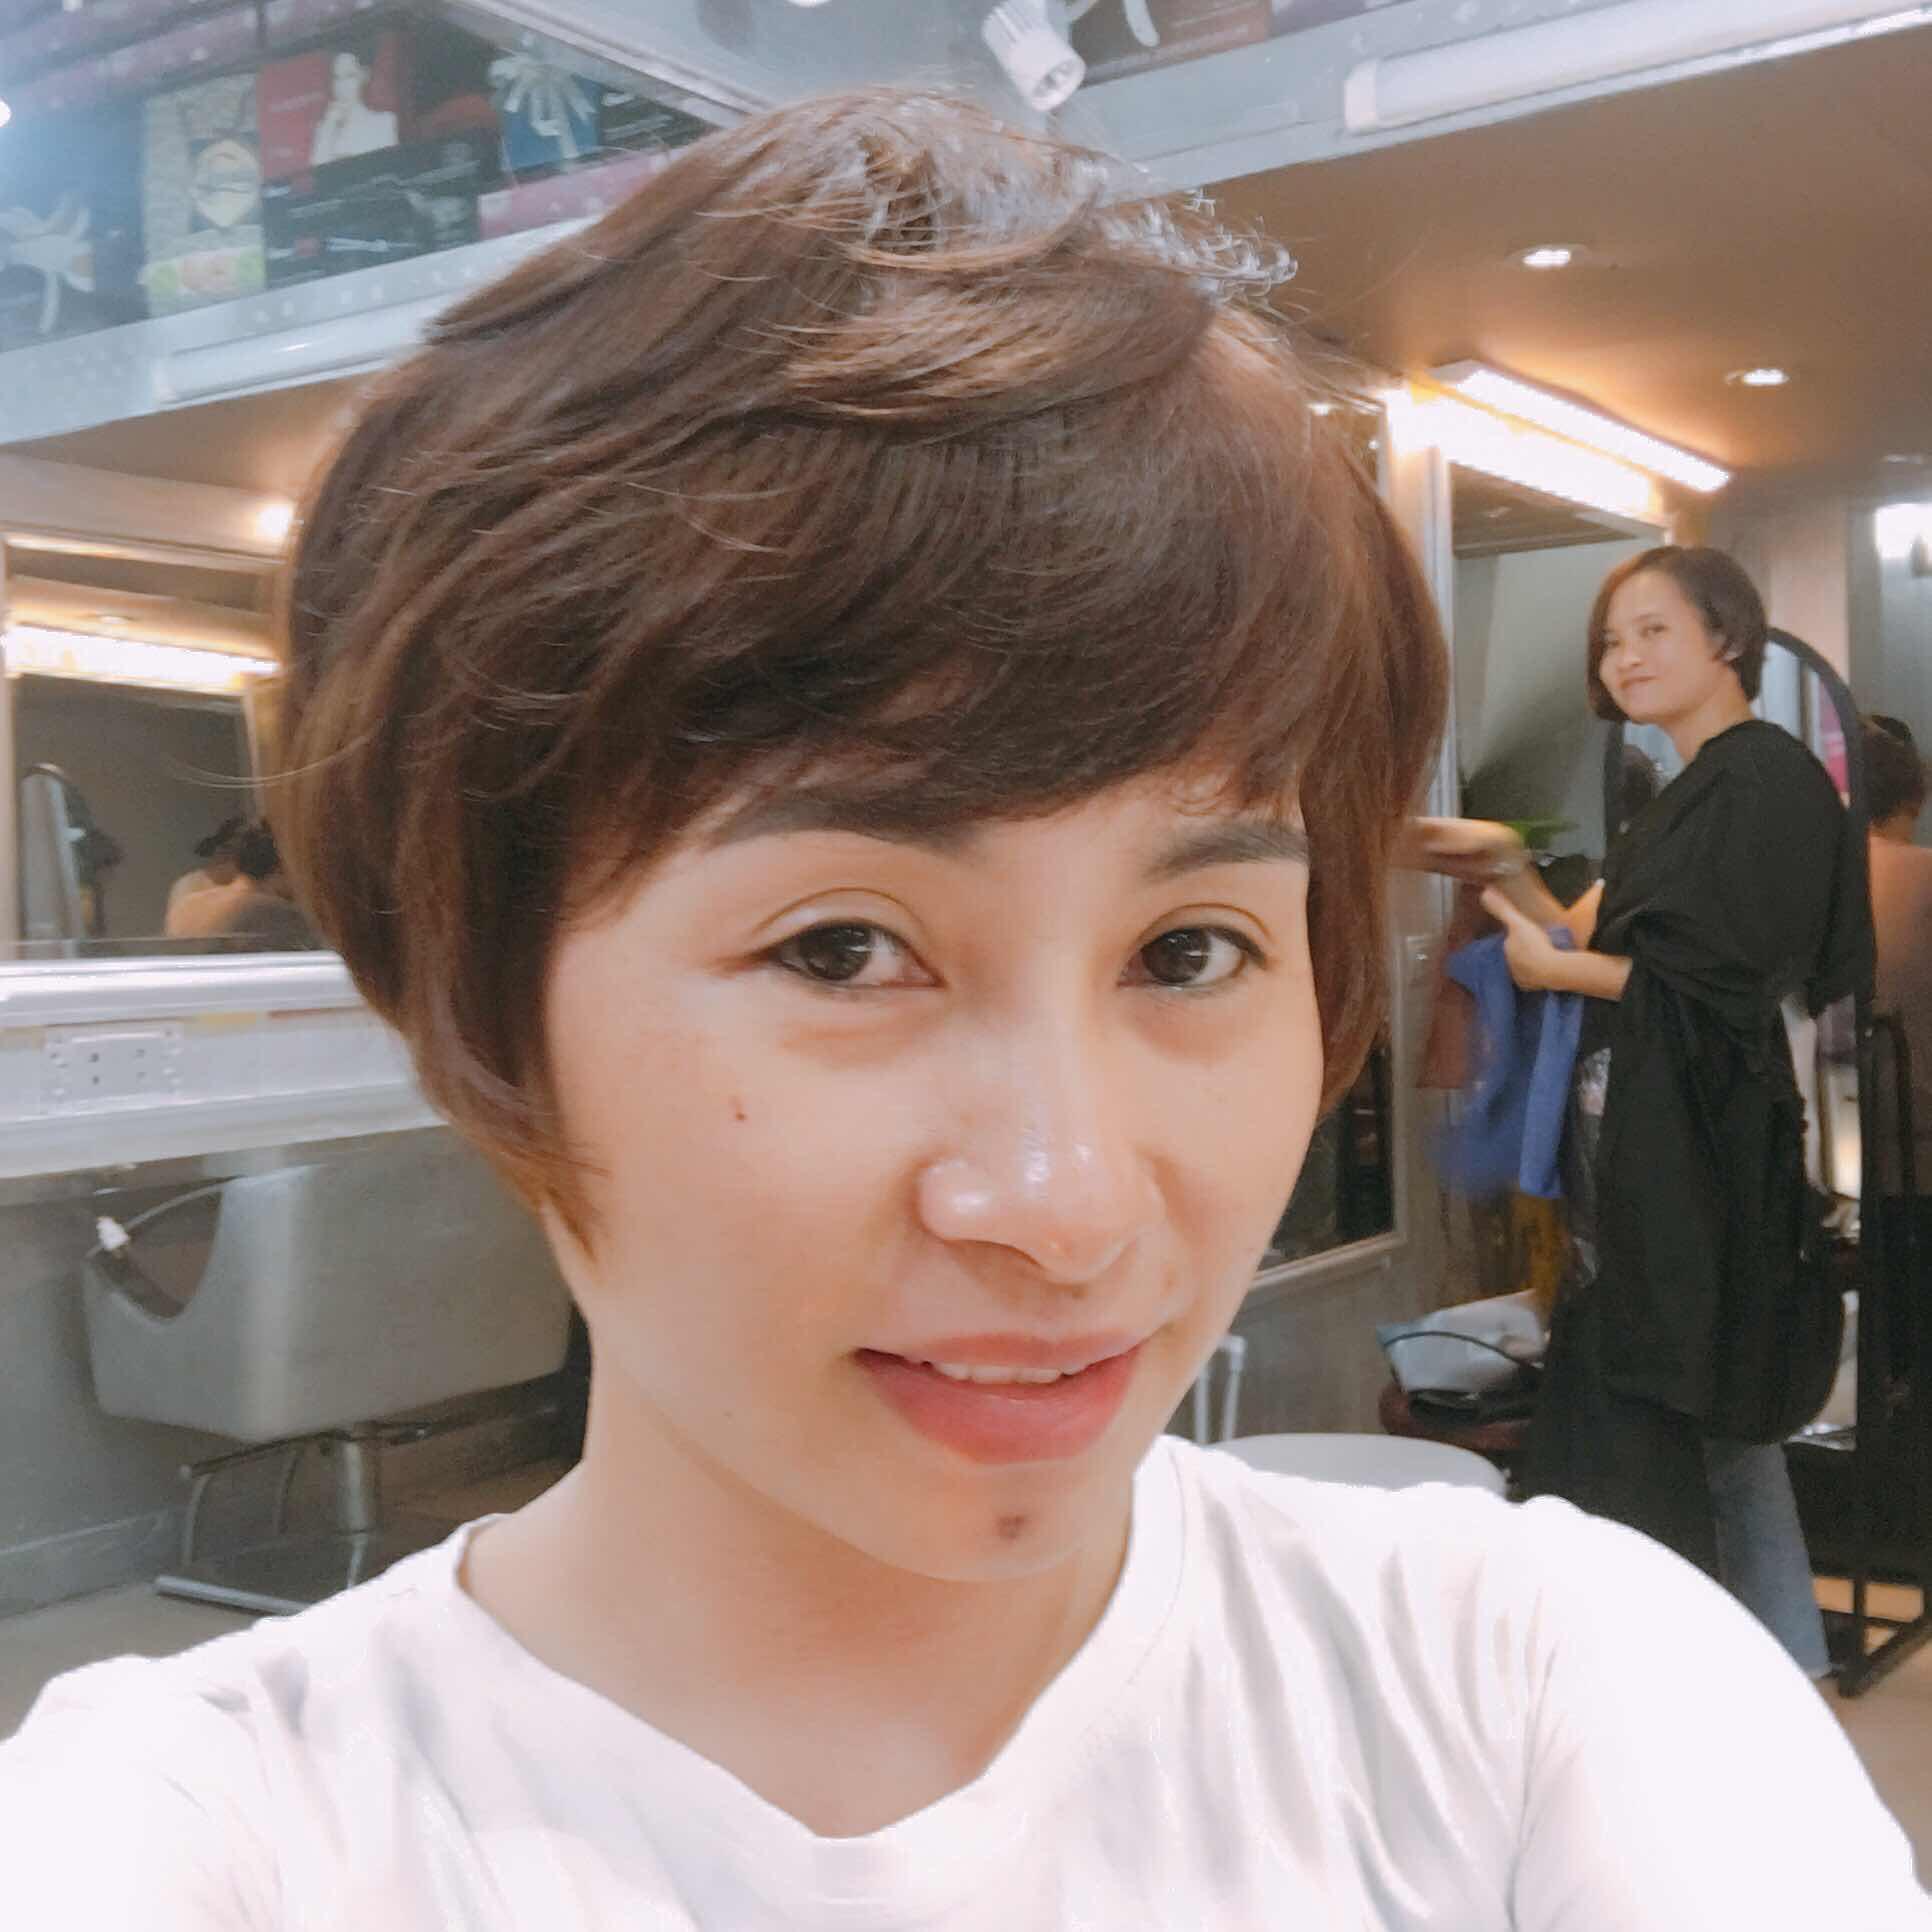 Tiệm tóc ngắn được nhiều khách khen cắt Tomboy đẹp nhất Hà Nội